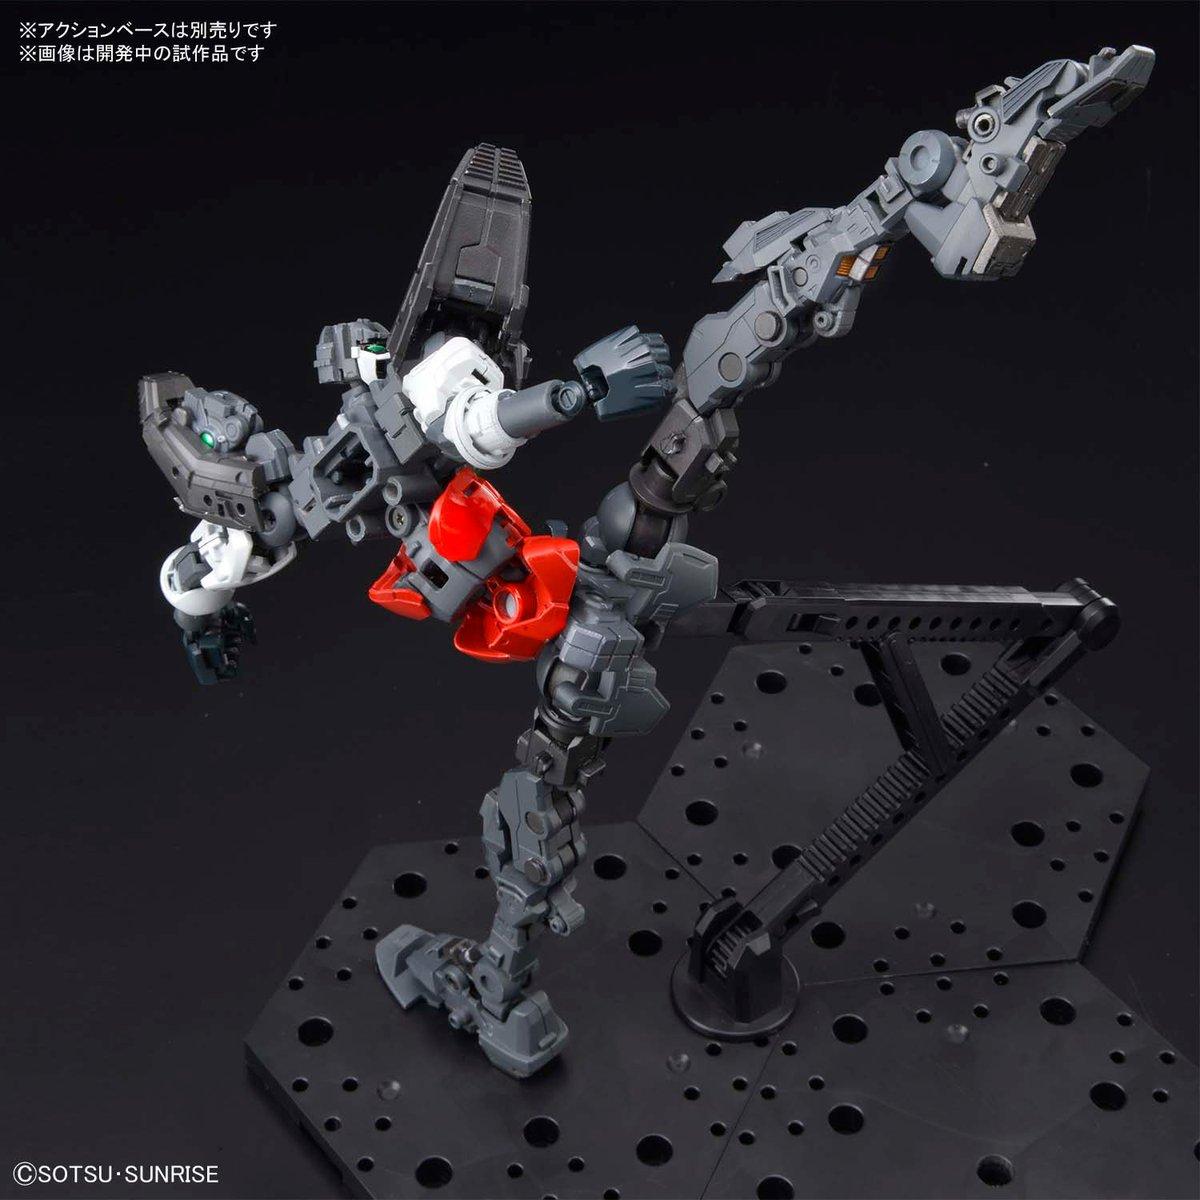 【一般予約受付中】『機動武闘伝Gガンダム』より、ゴッドガンダムがハイレゾリューションモデルで登場